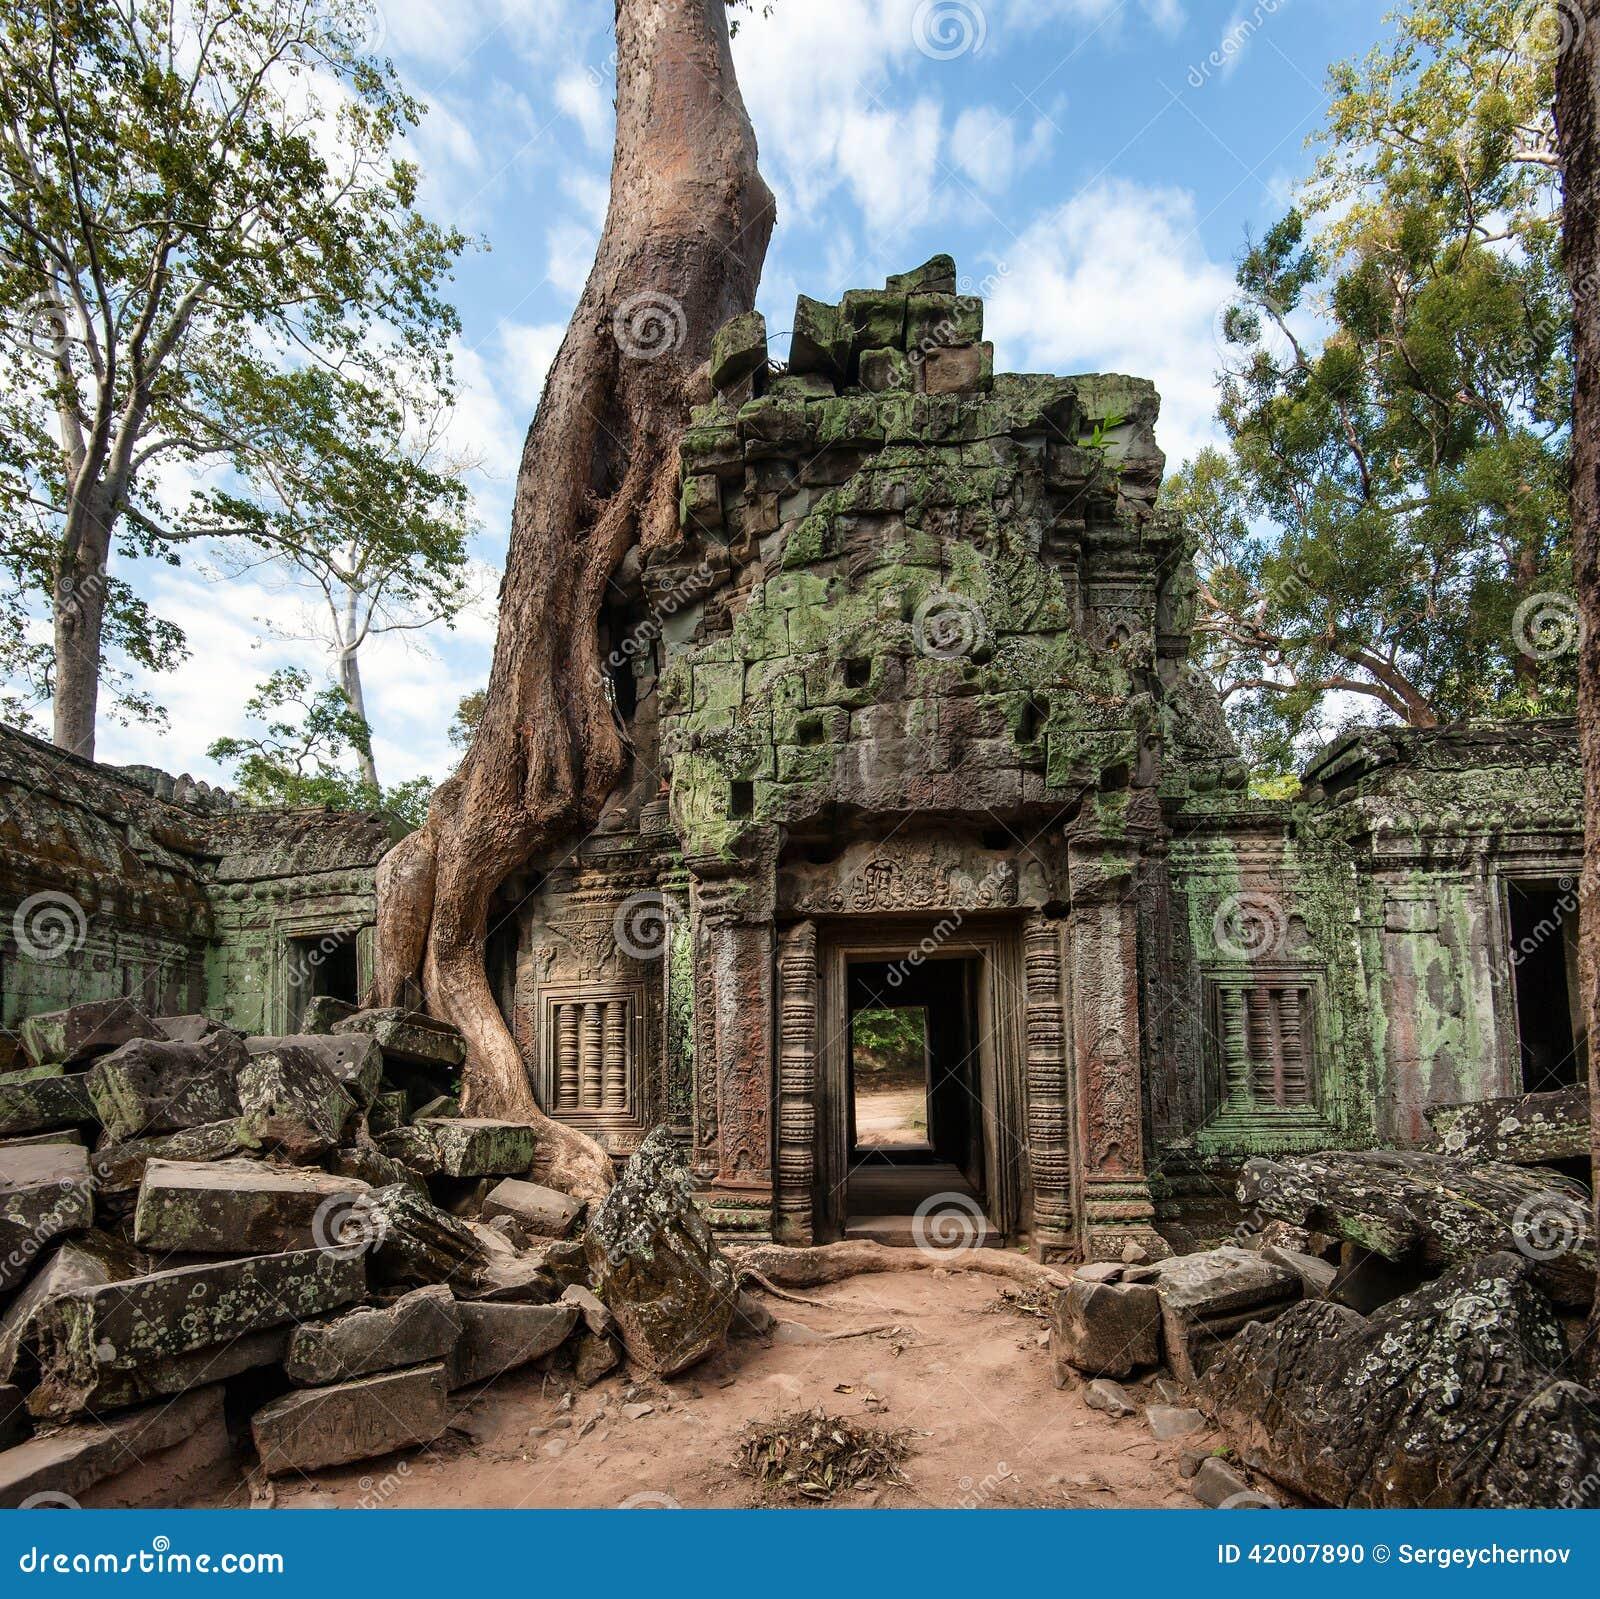 Angkor Wat Cambodia Templo budista antigo do Khmer de Ta Prohm